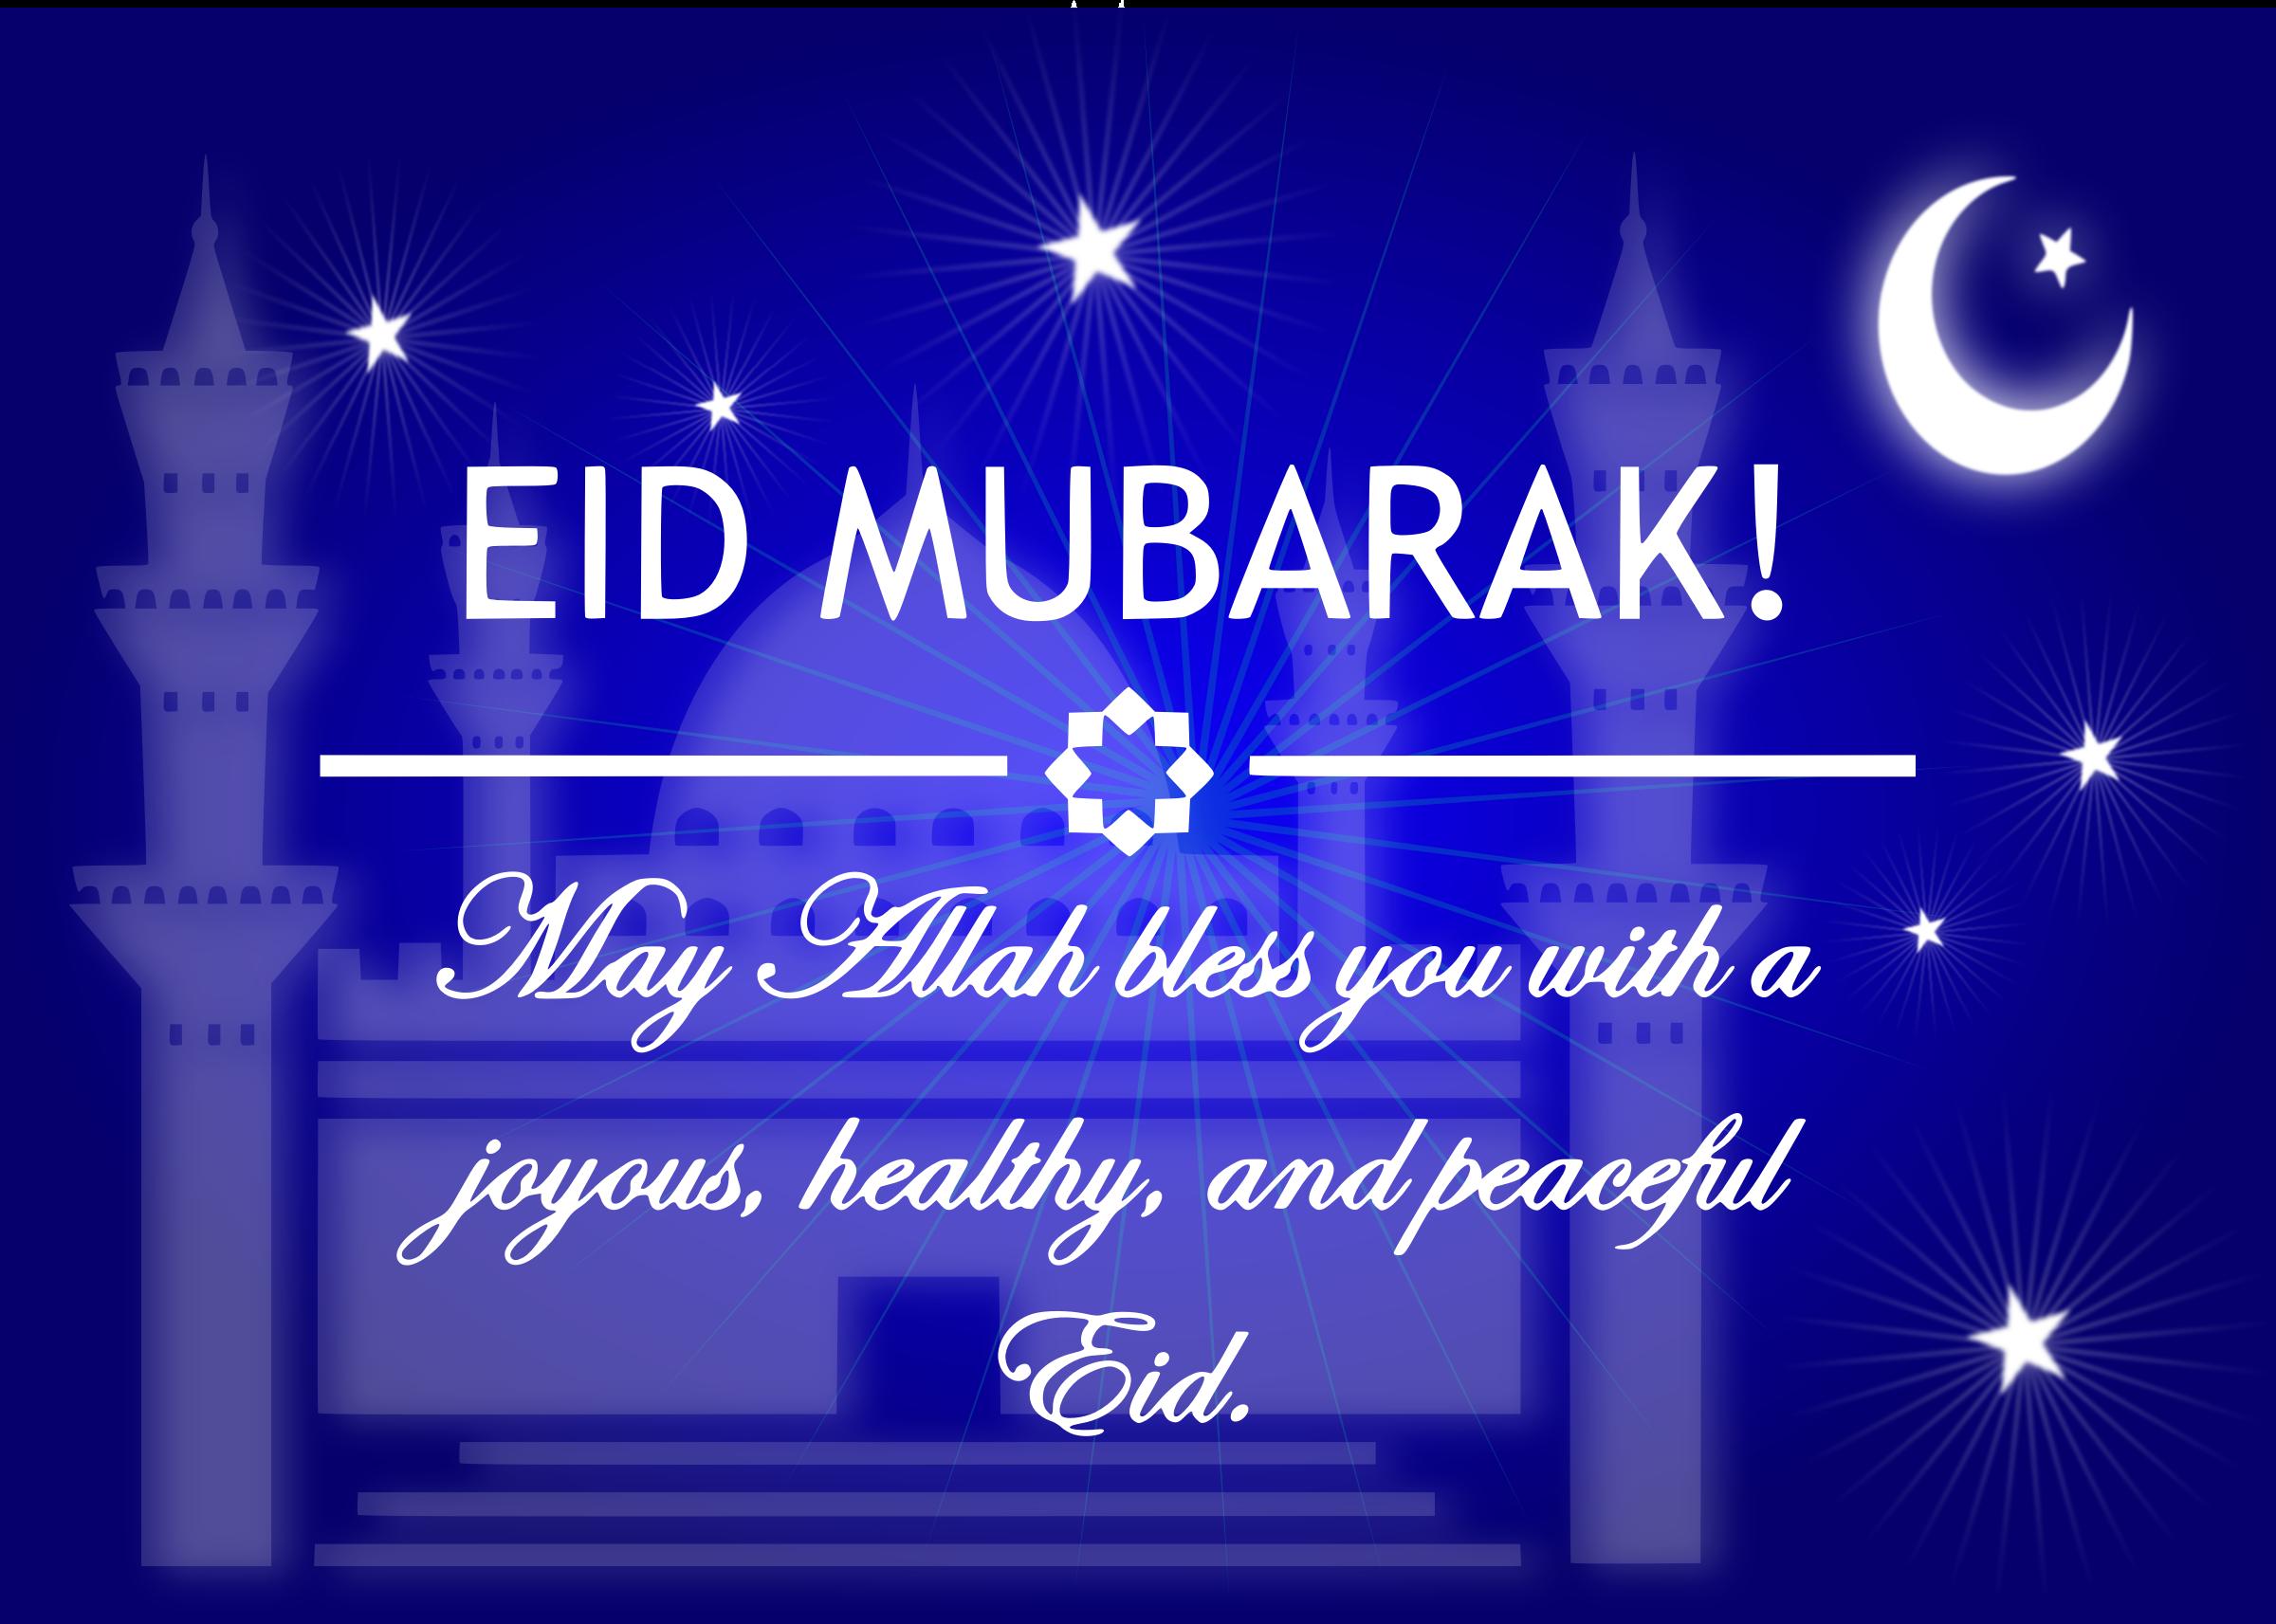 Clipart Eid Mubarak